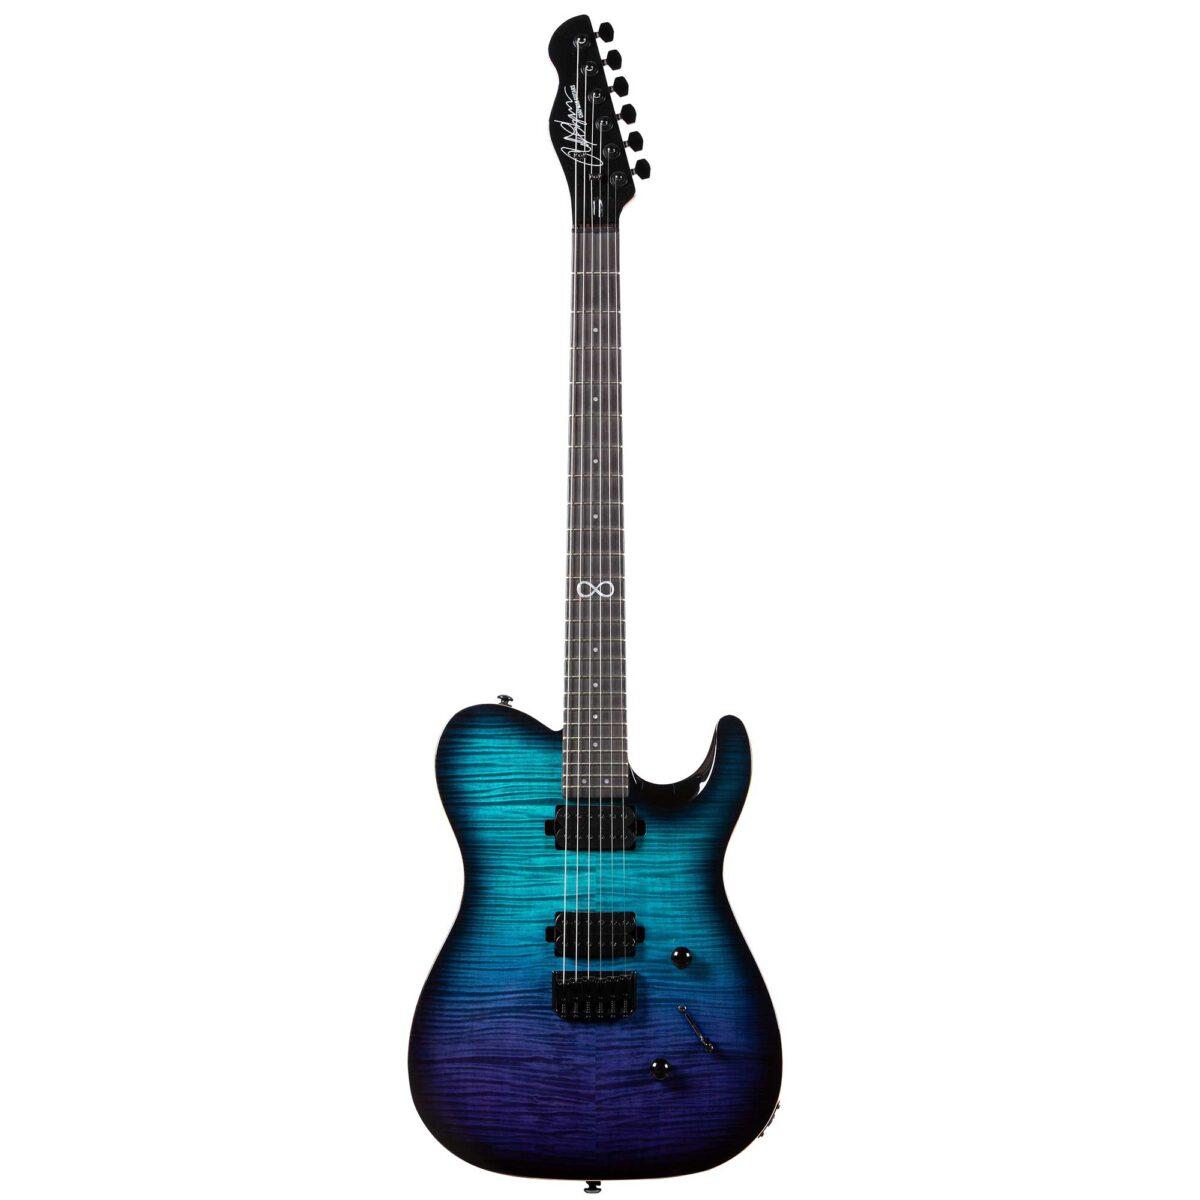 גיטרה חשמלית Chapman ML3 Modern Standard Abyss